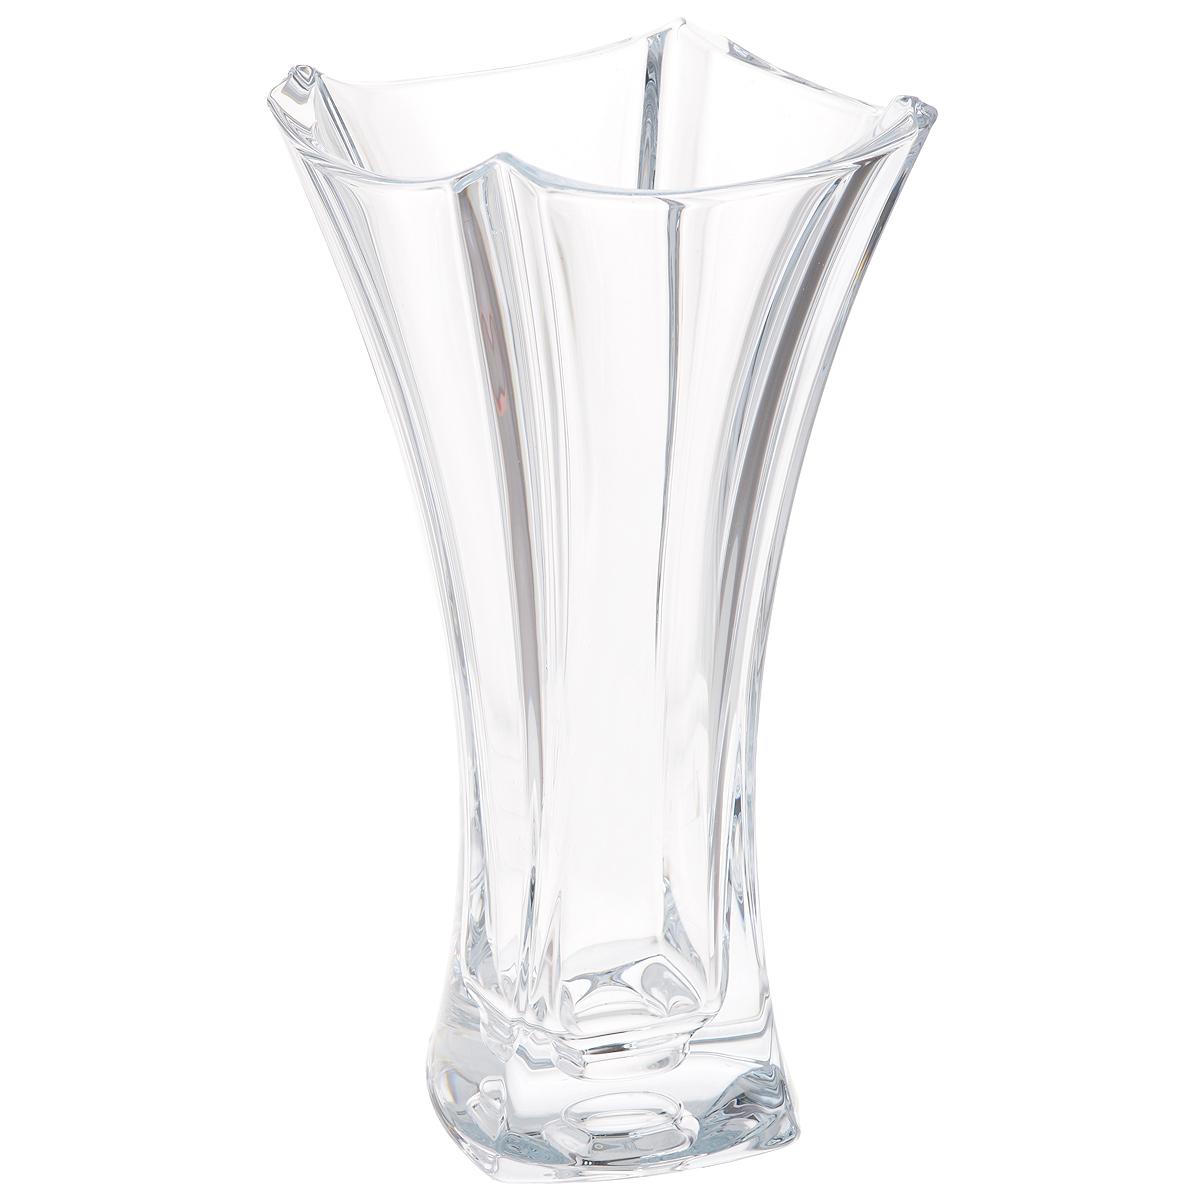 Ваза Crystalite Bohemia Колосеум, высота 35,5 см ваза 30 см crystalite bohemia ваза 30 см